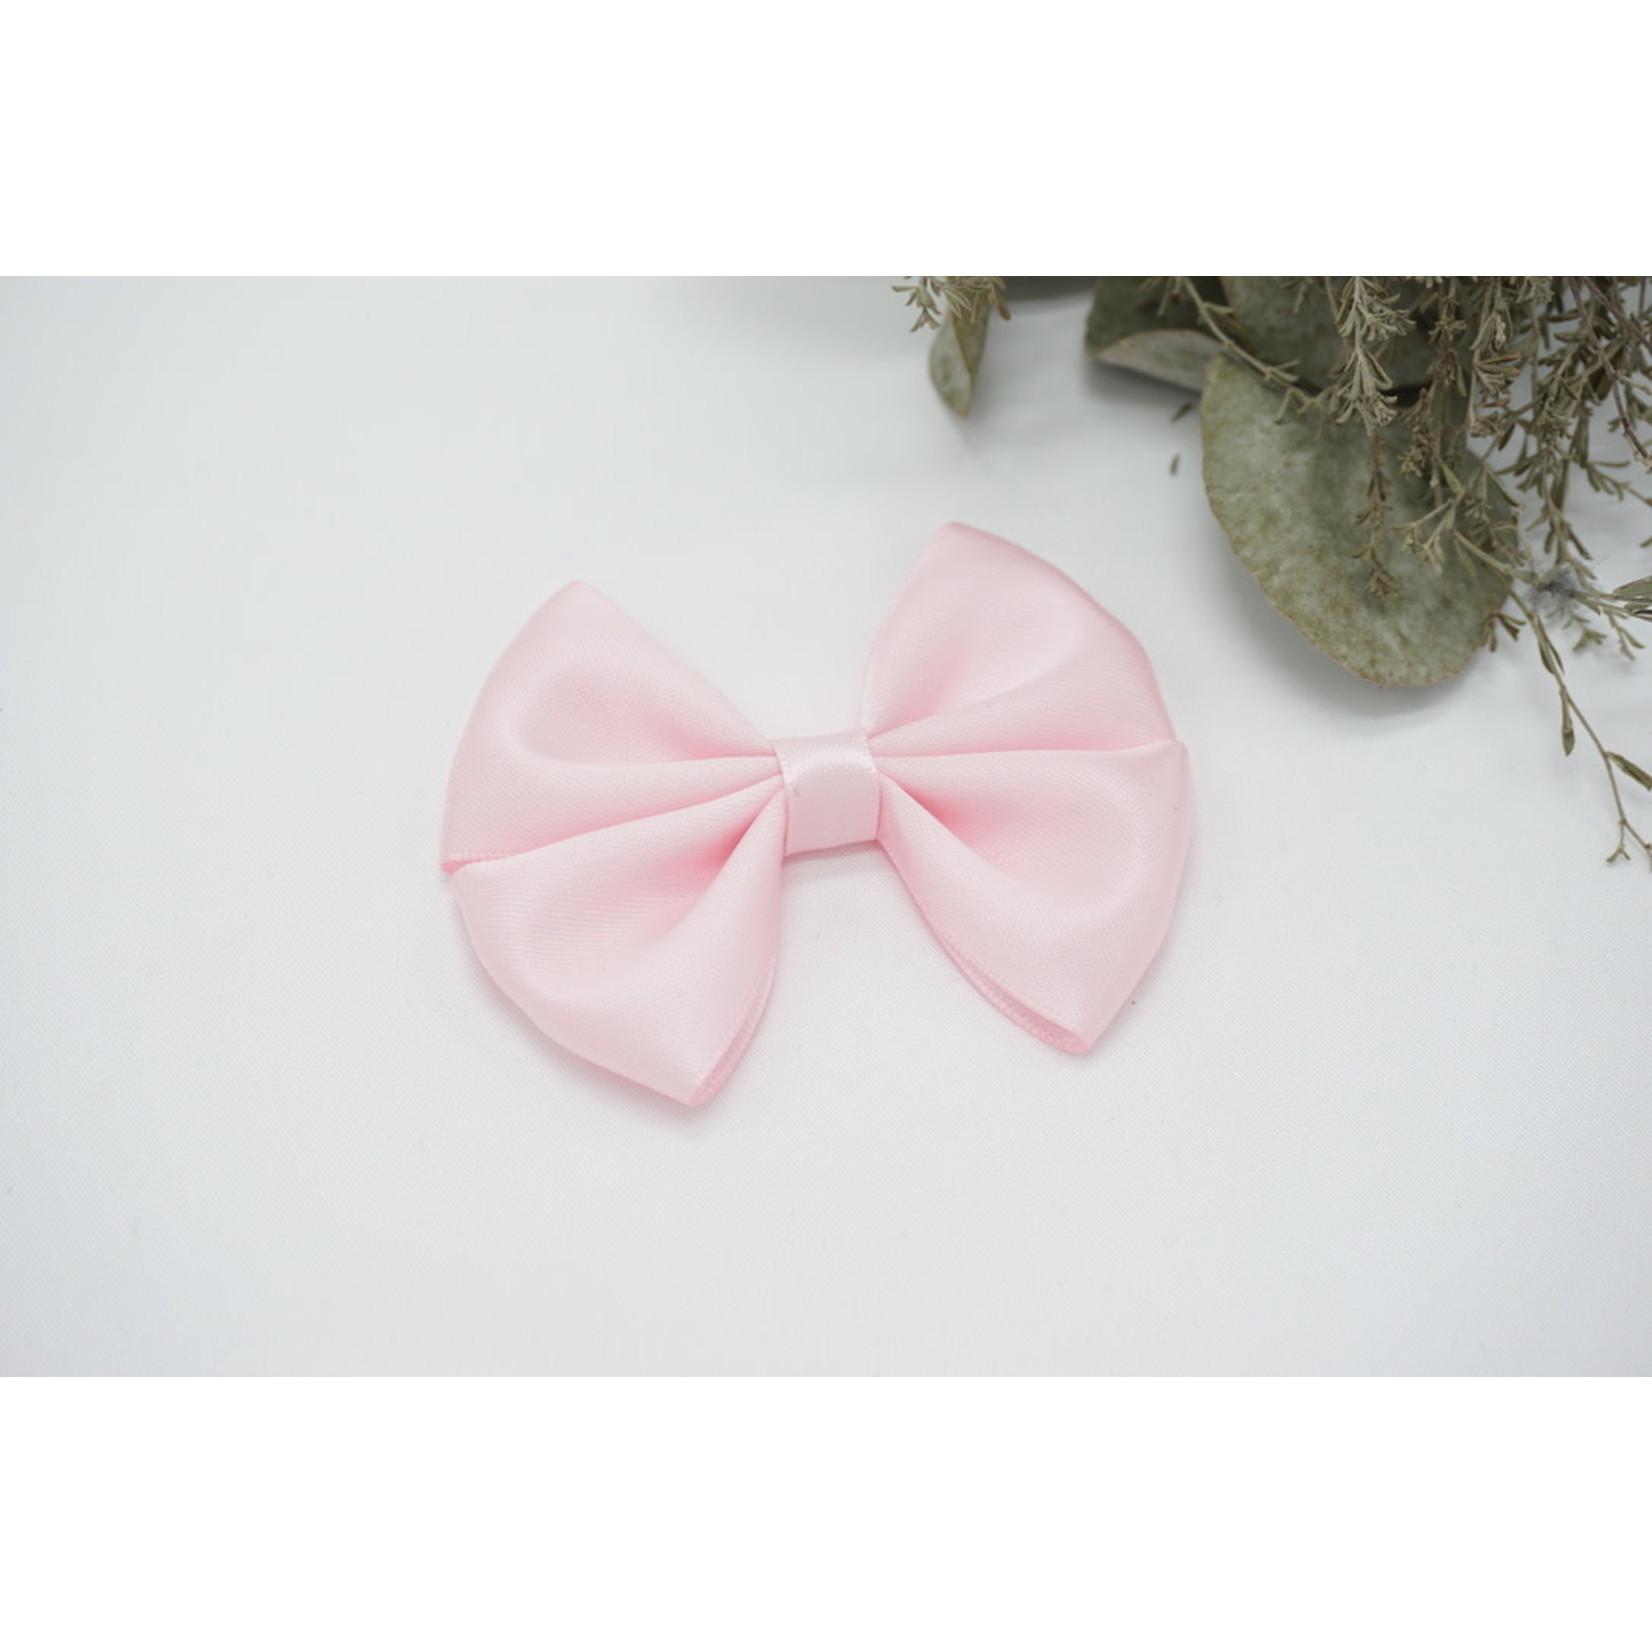 Copy of Satin Bow - Princess Pink 1